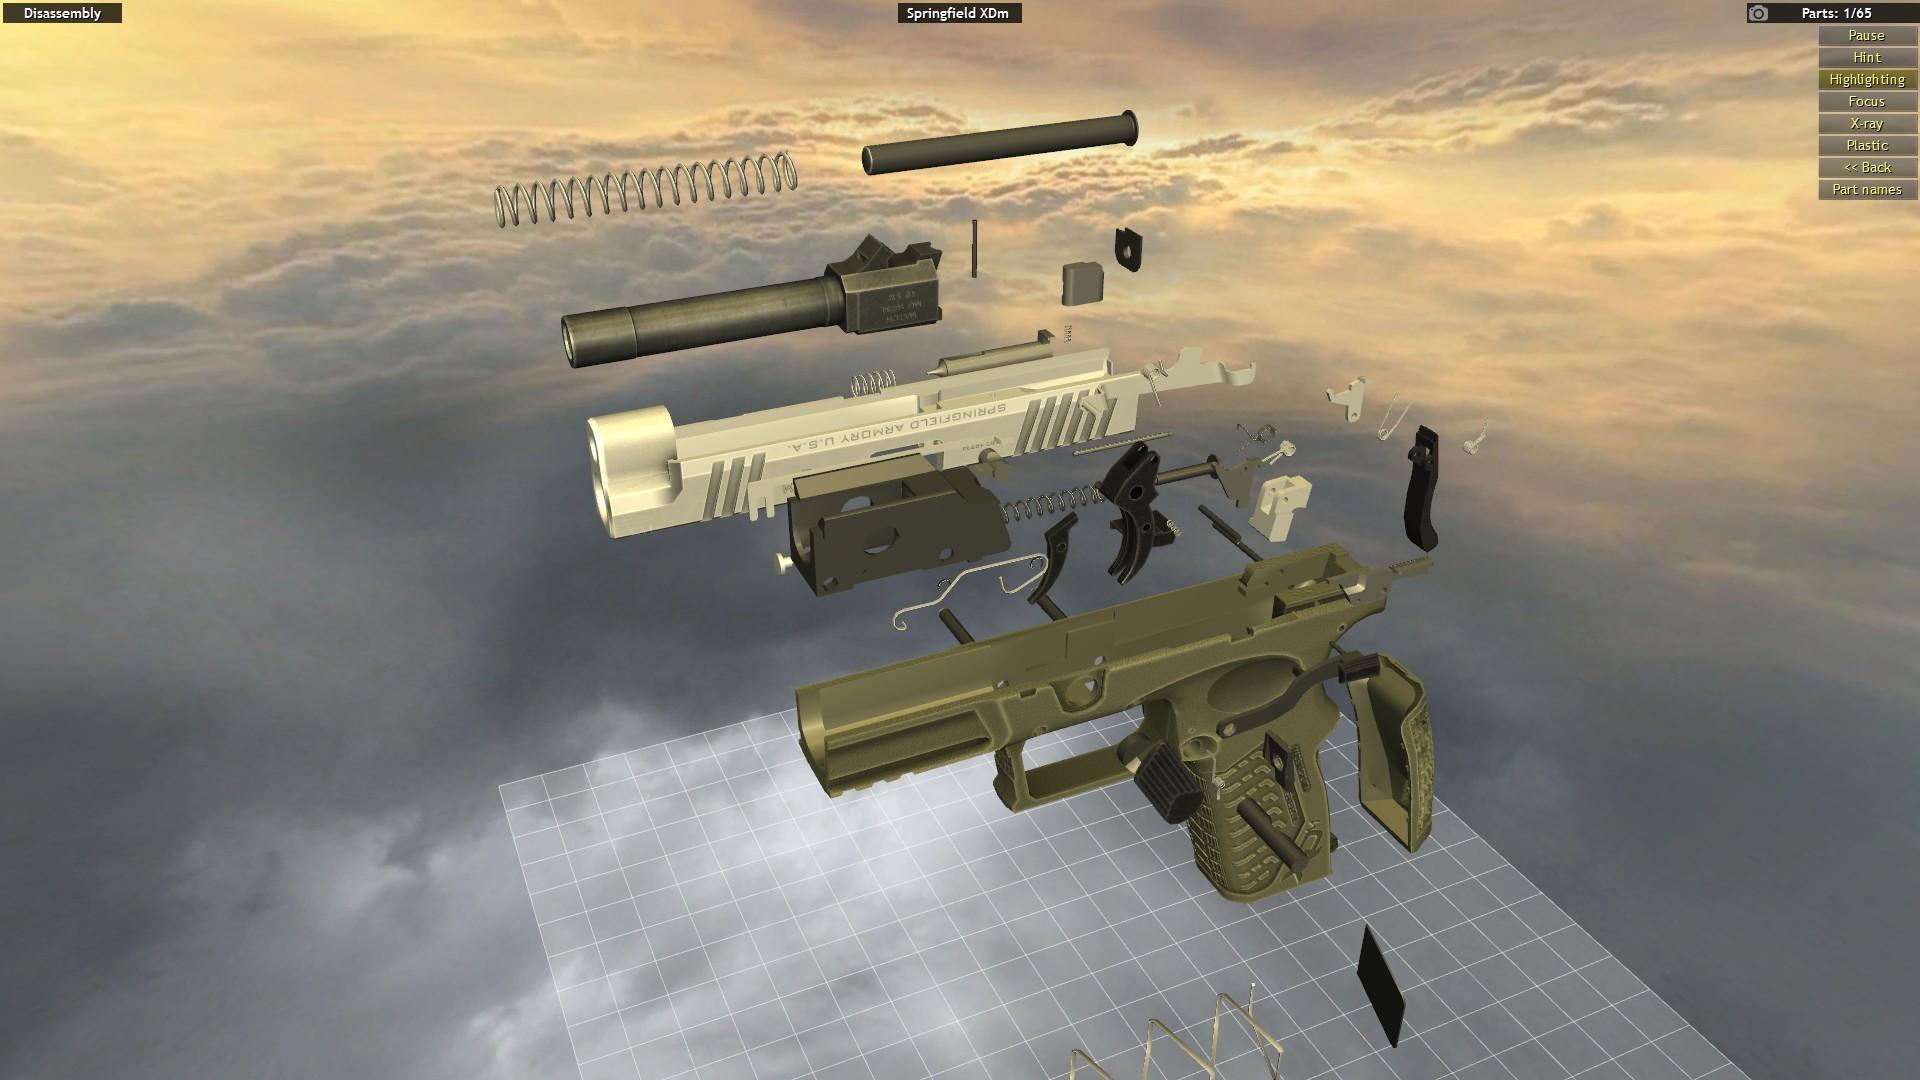 なんでもいいからバラバラにしたいぞ world of guns gun disassembly